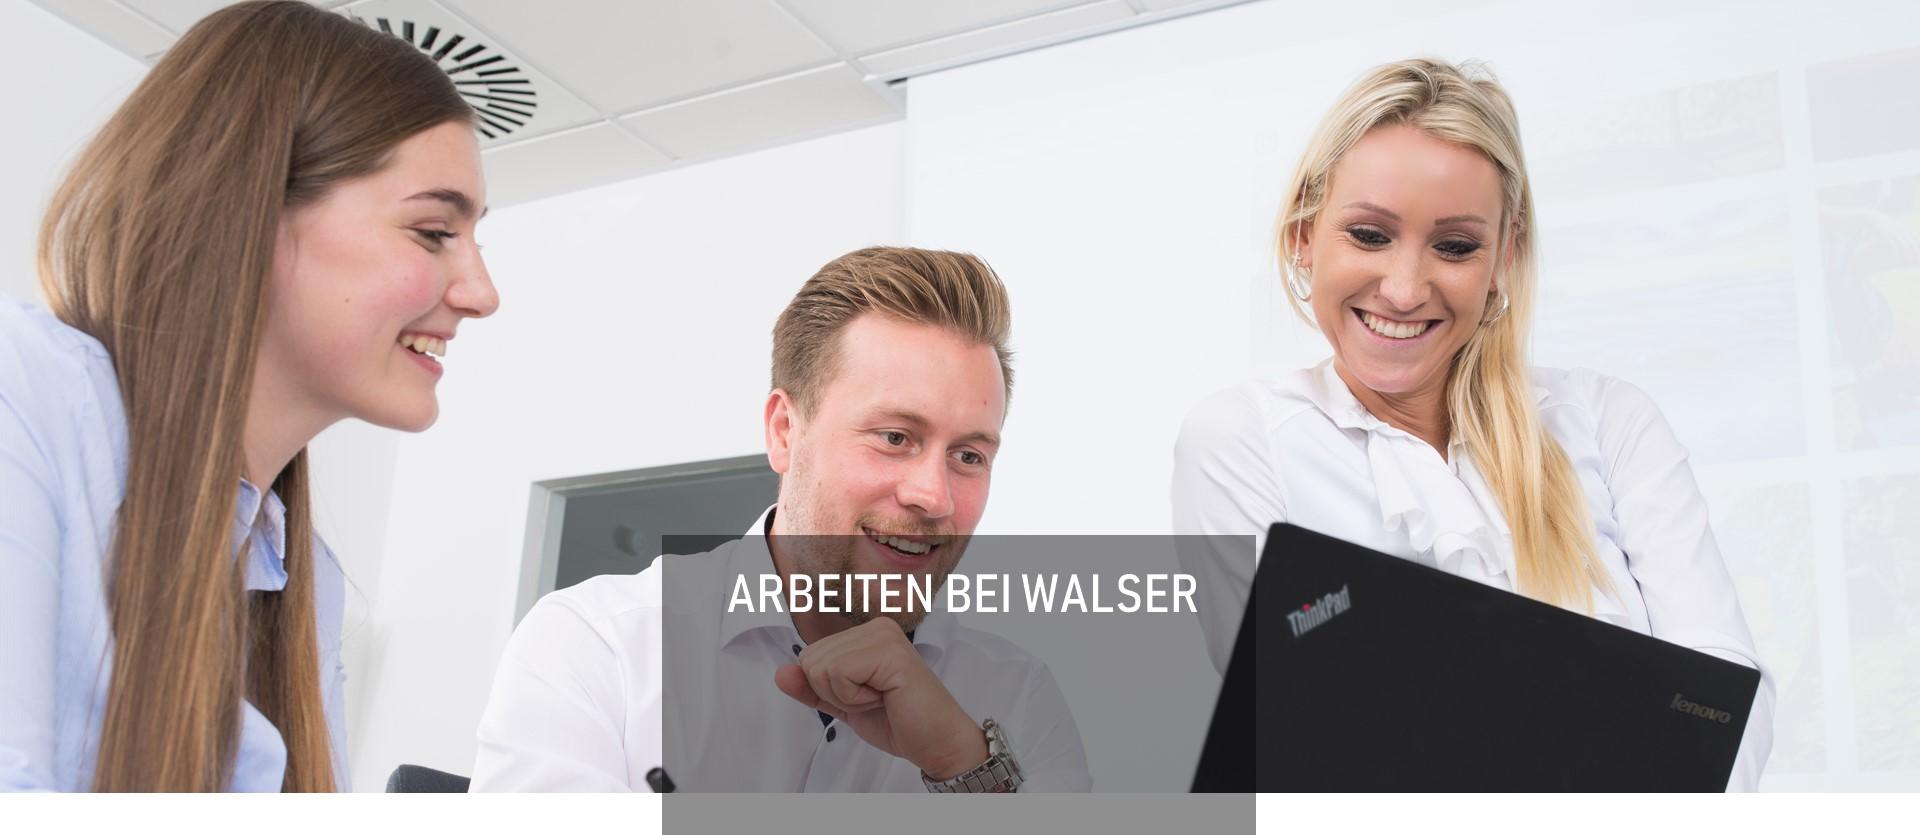 Arbeiten bei WALSER